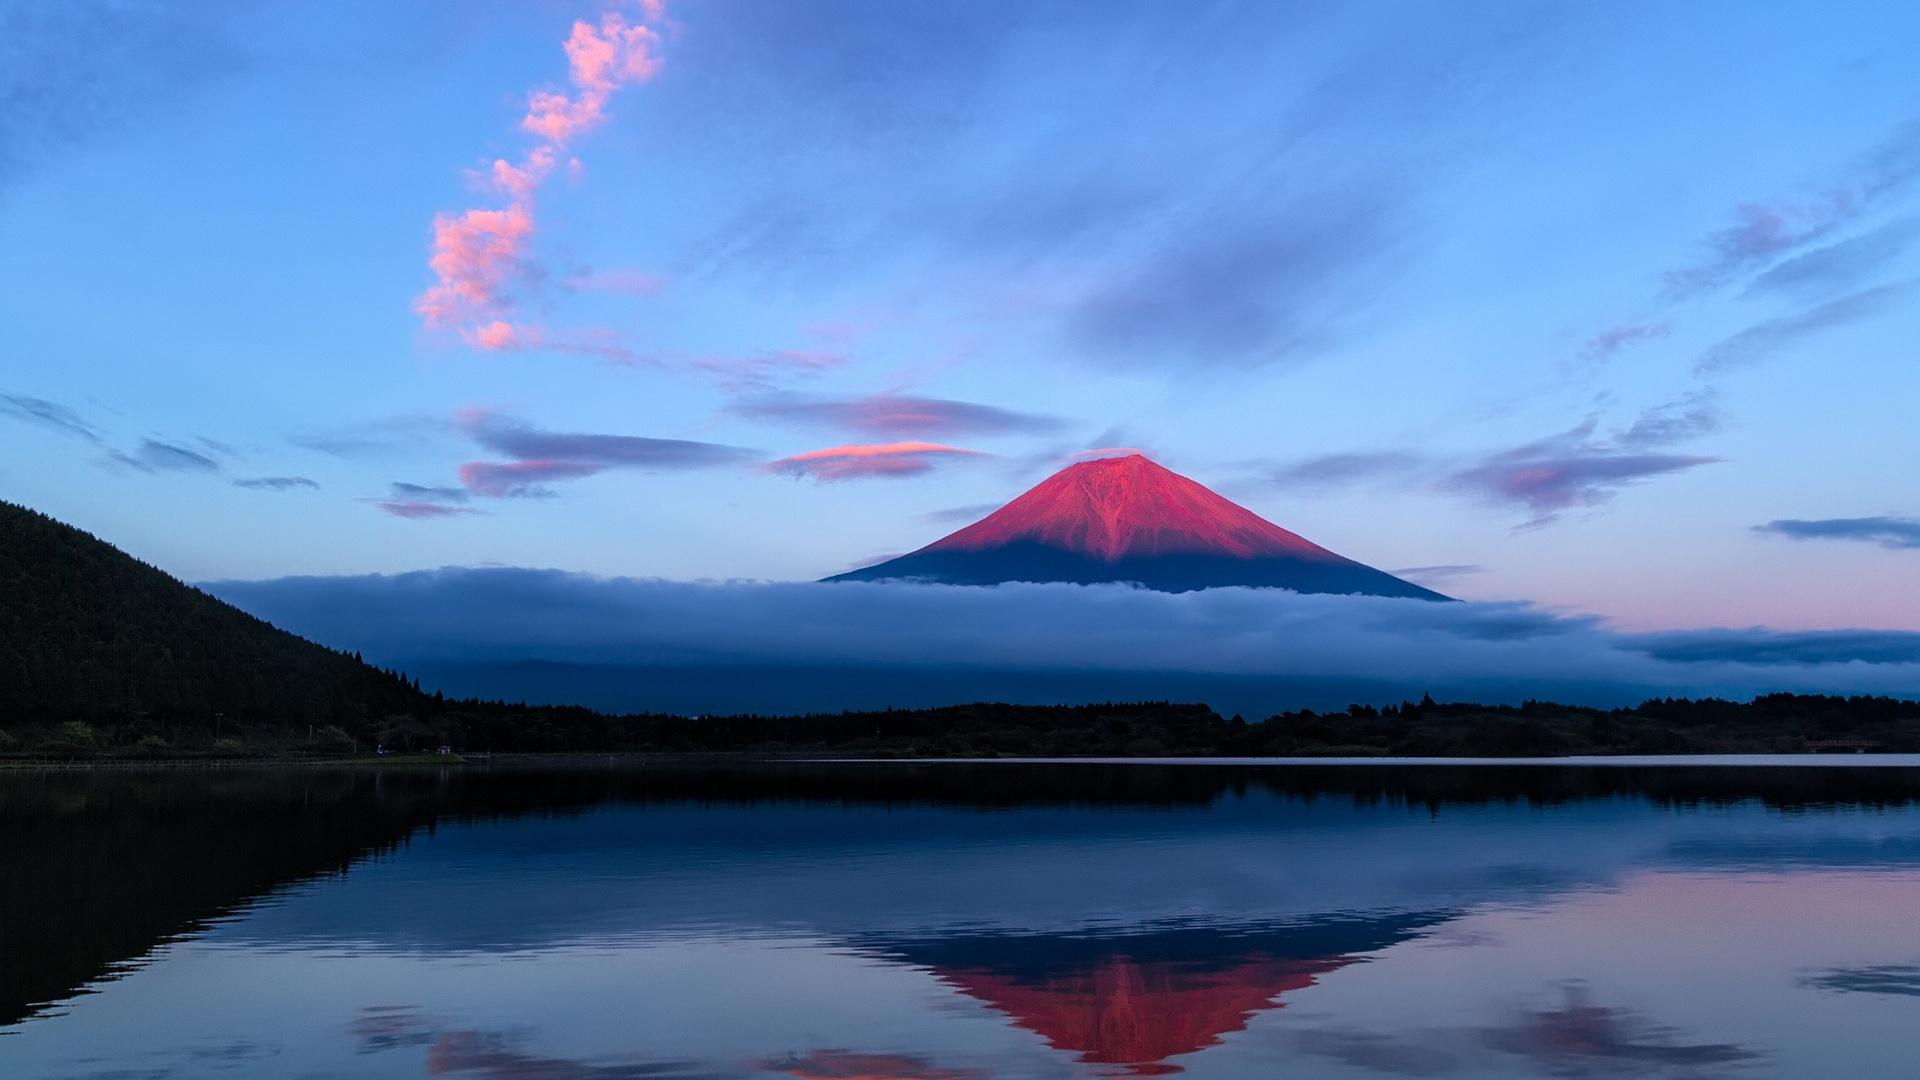 日本、富士山、夜、空、湖、反射、青 壁紙 - 1920x1080 ...